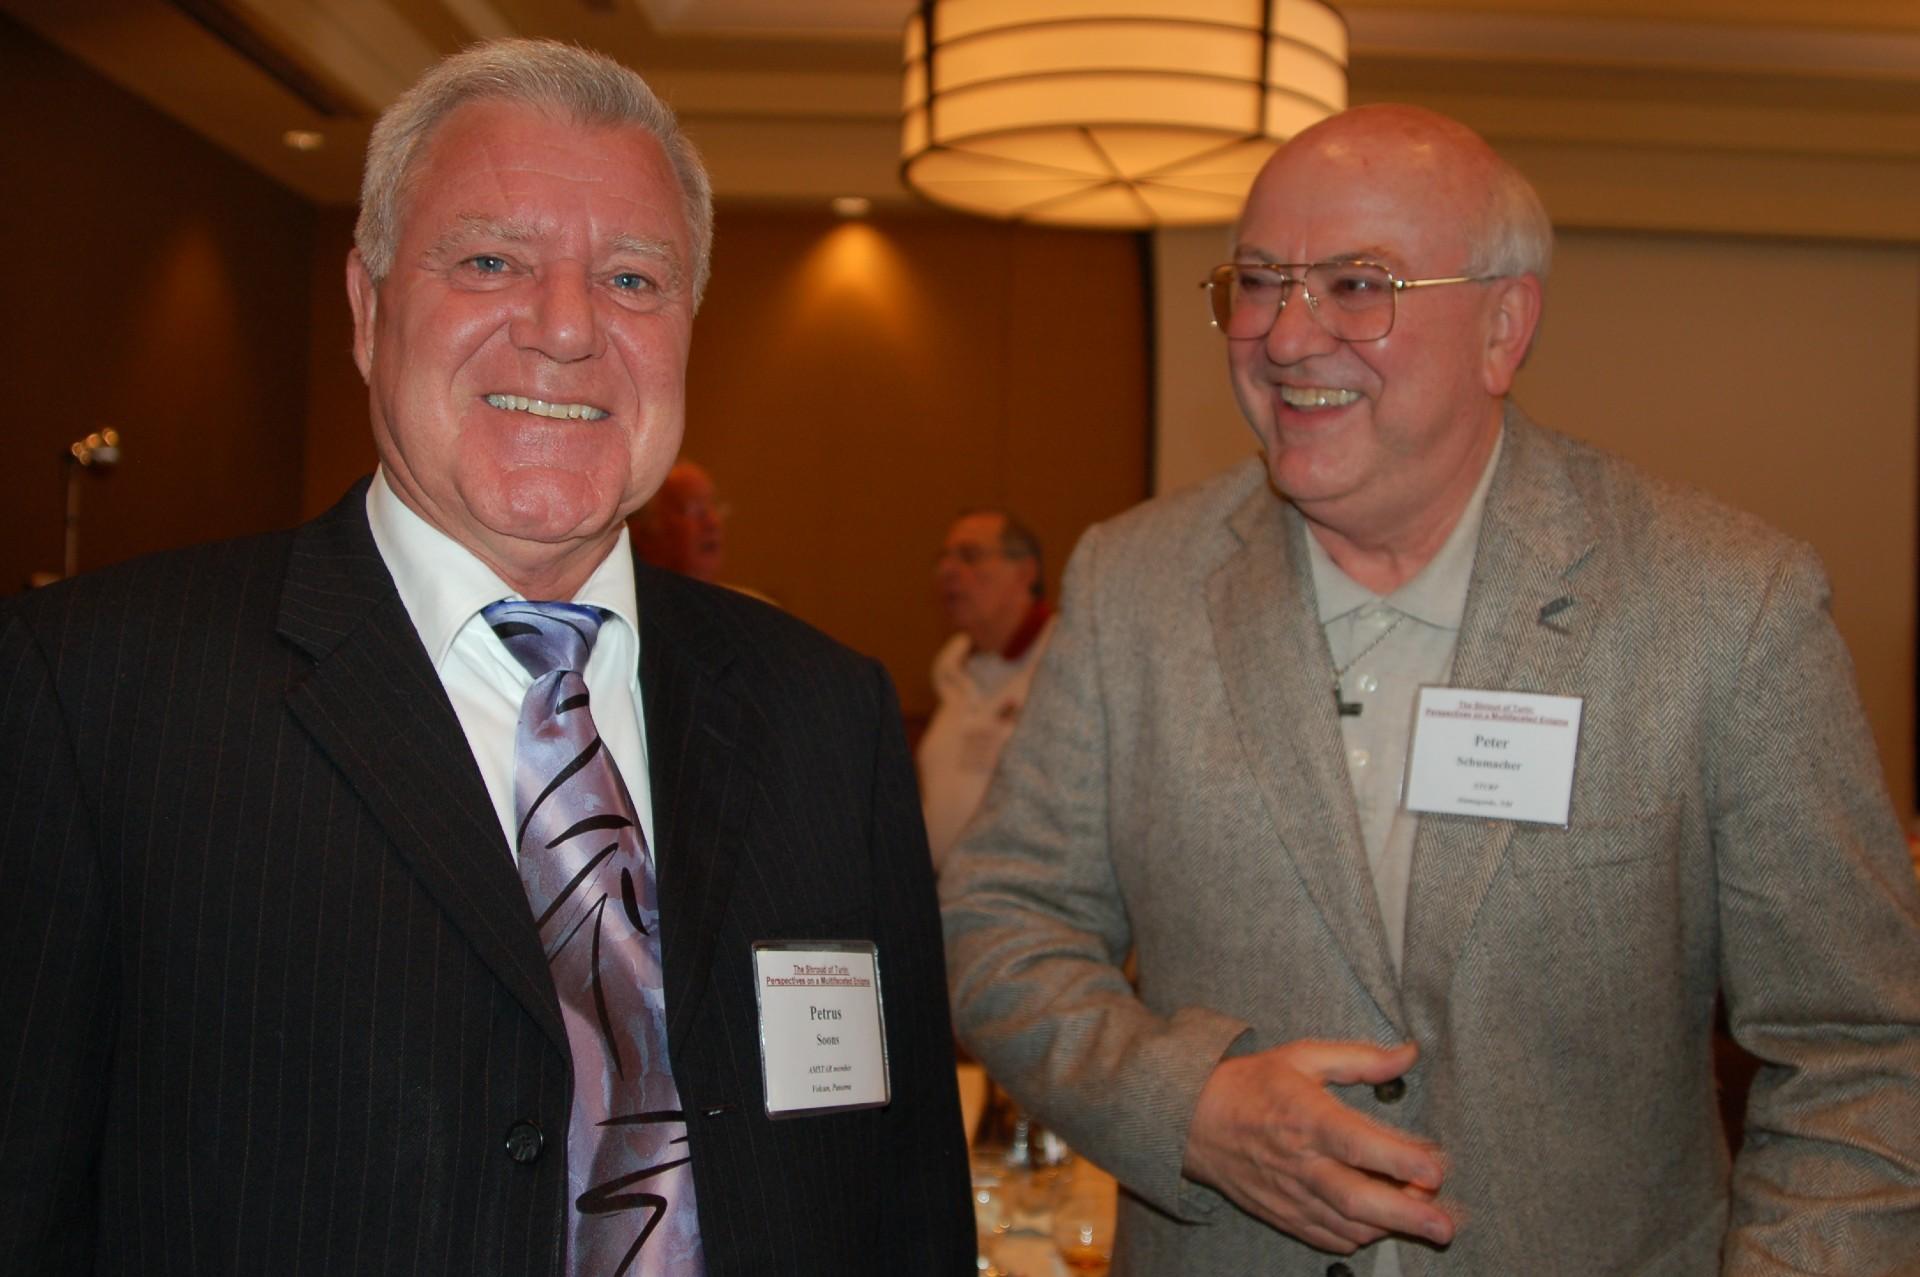 Dr. Petrus Soons and Deacon Pete Schumacher, Ohio